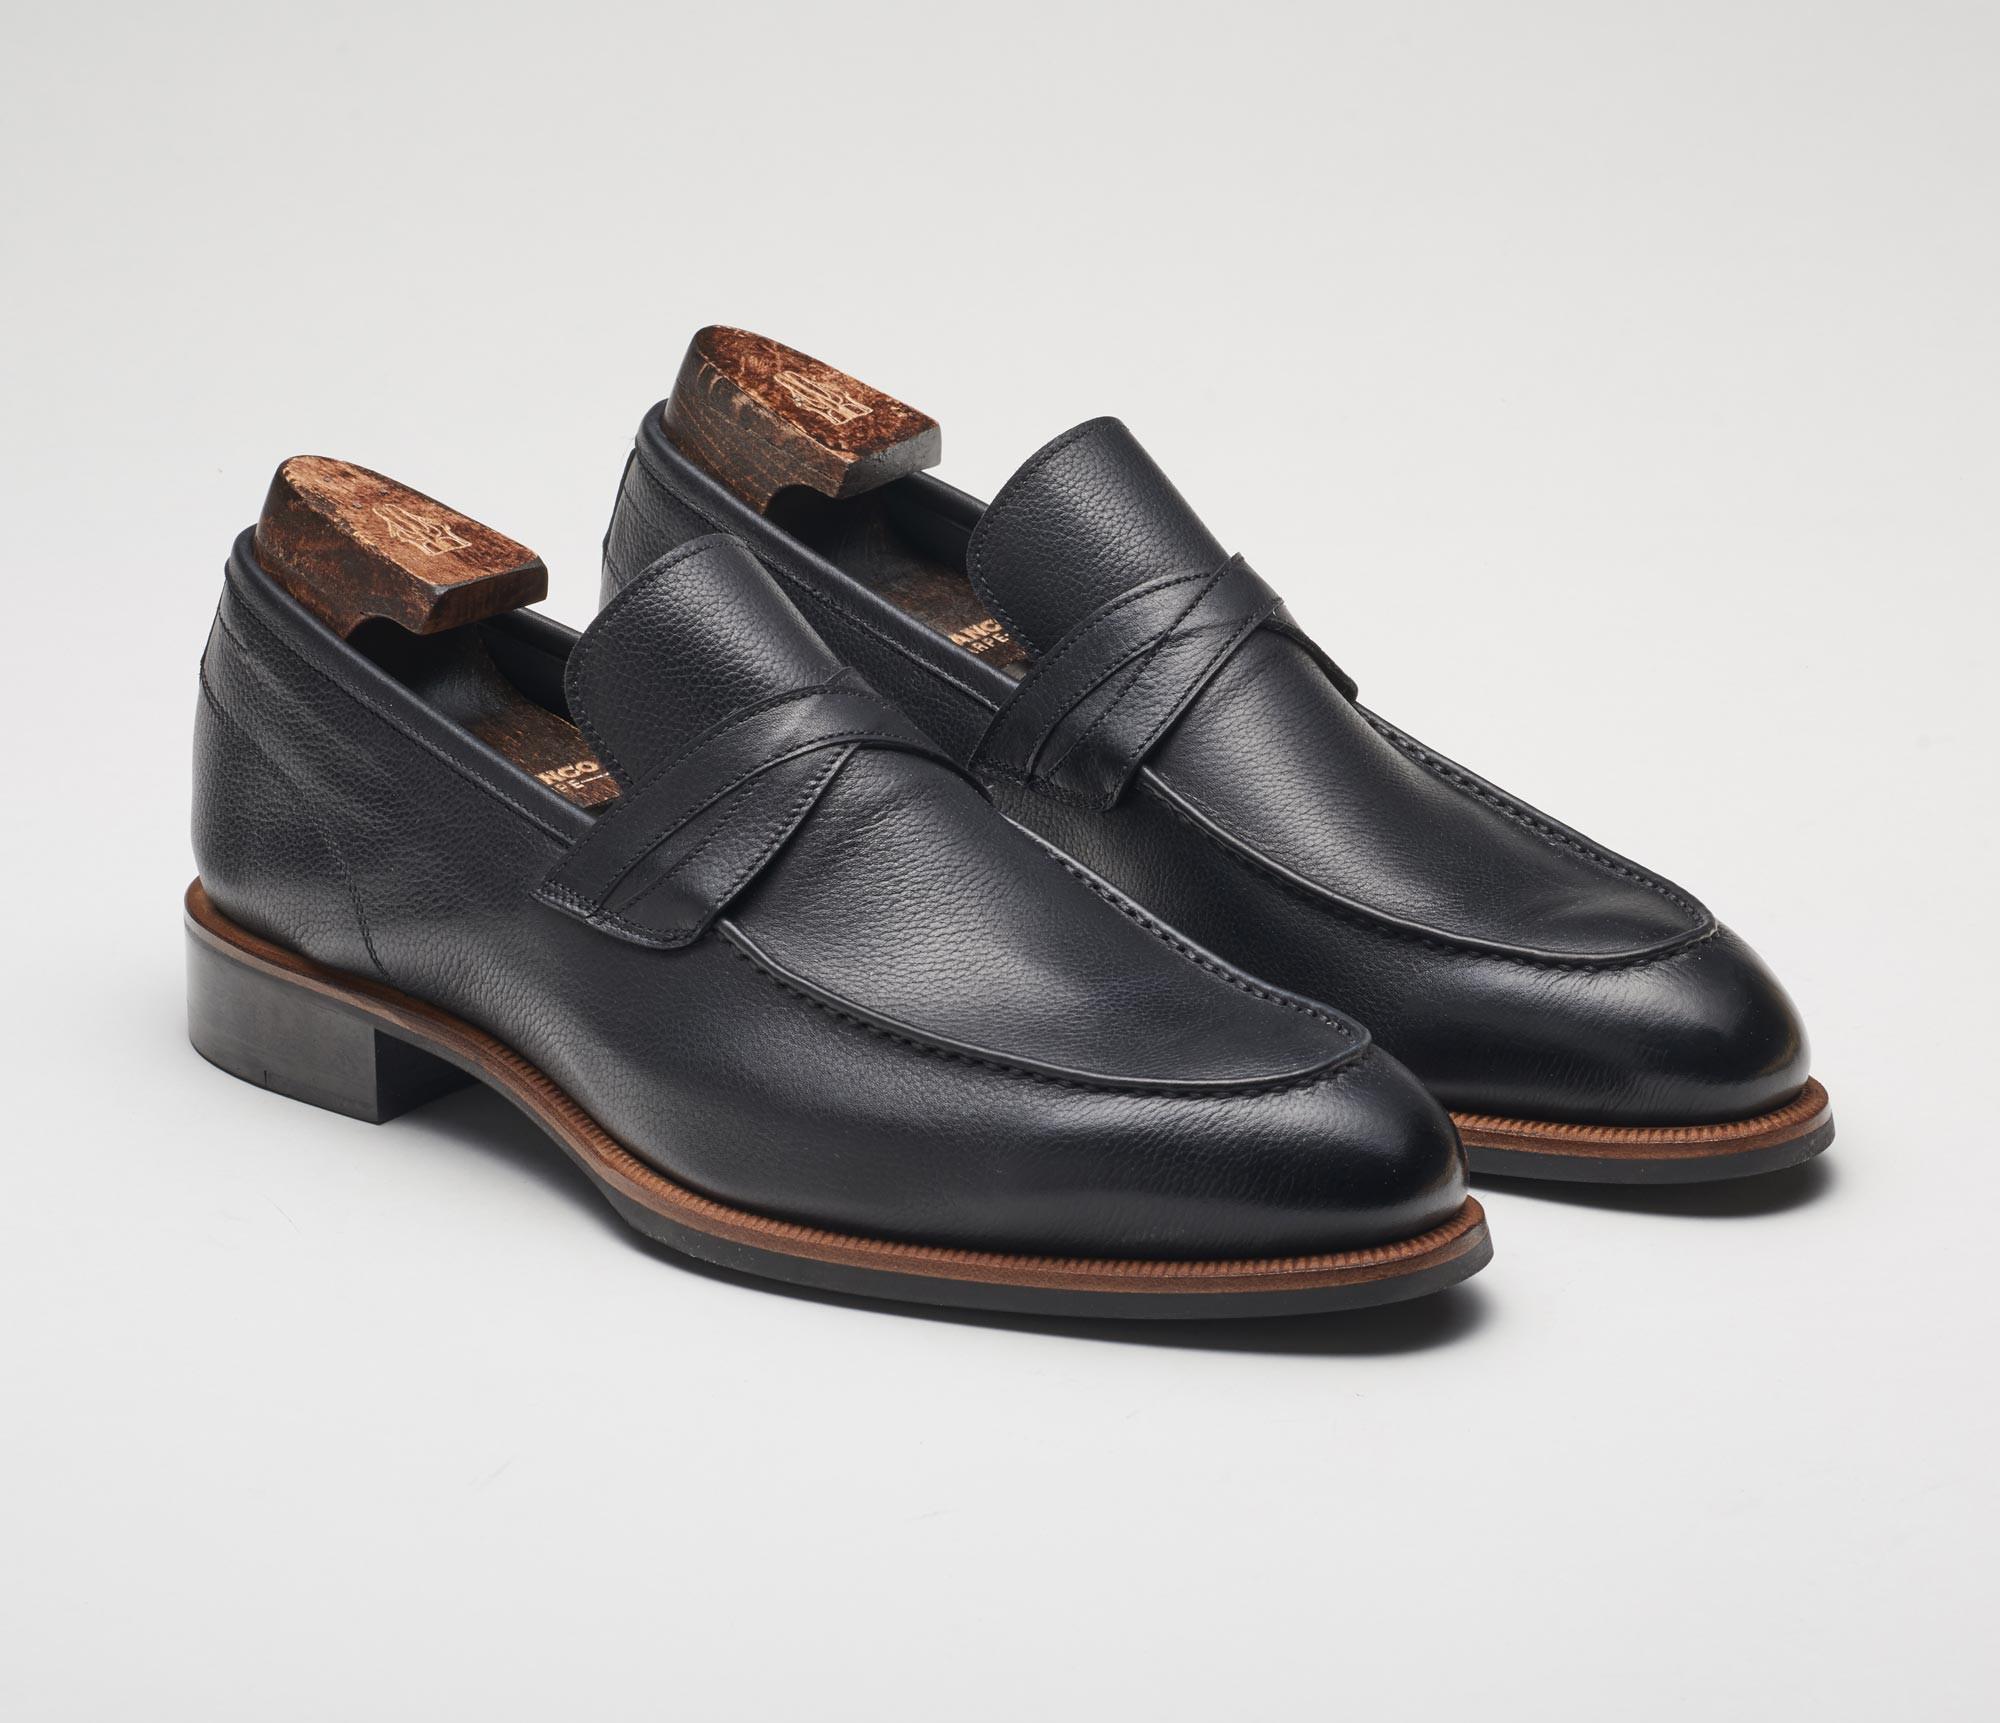 Firenze Nero Men's Loafers Black